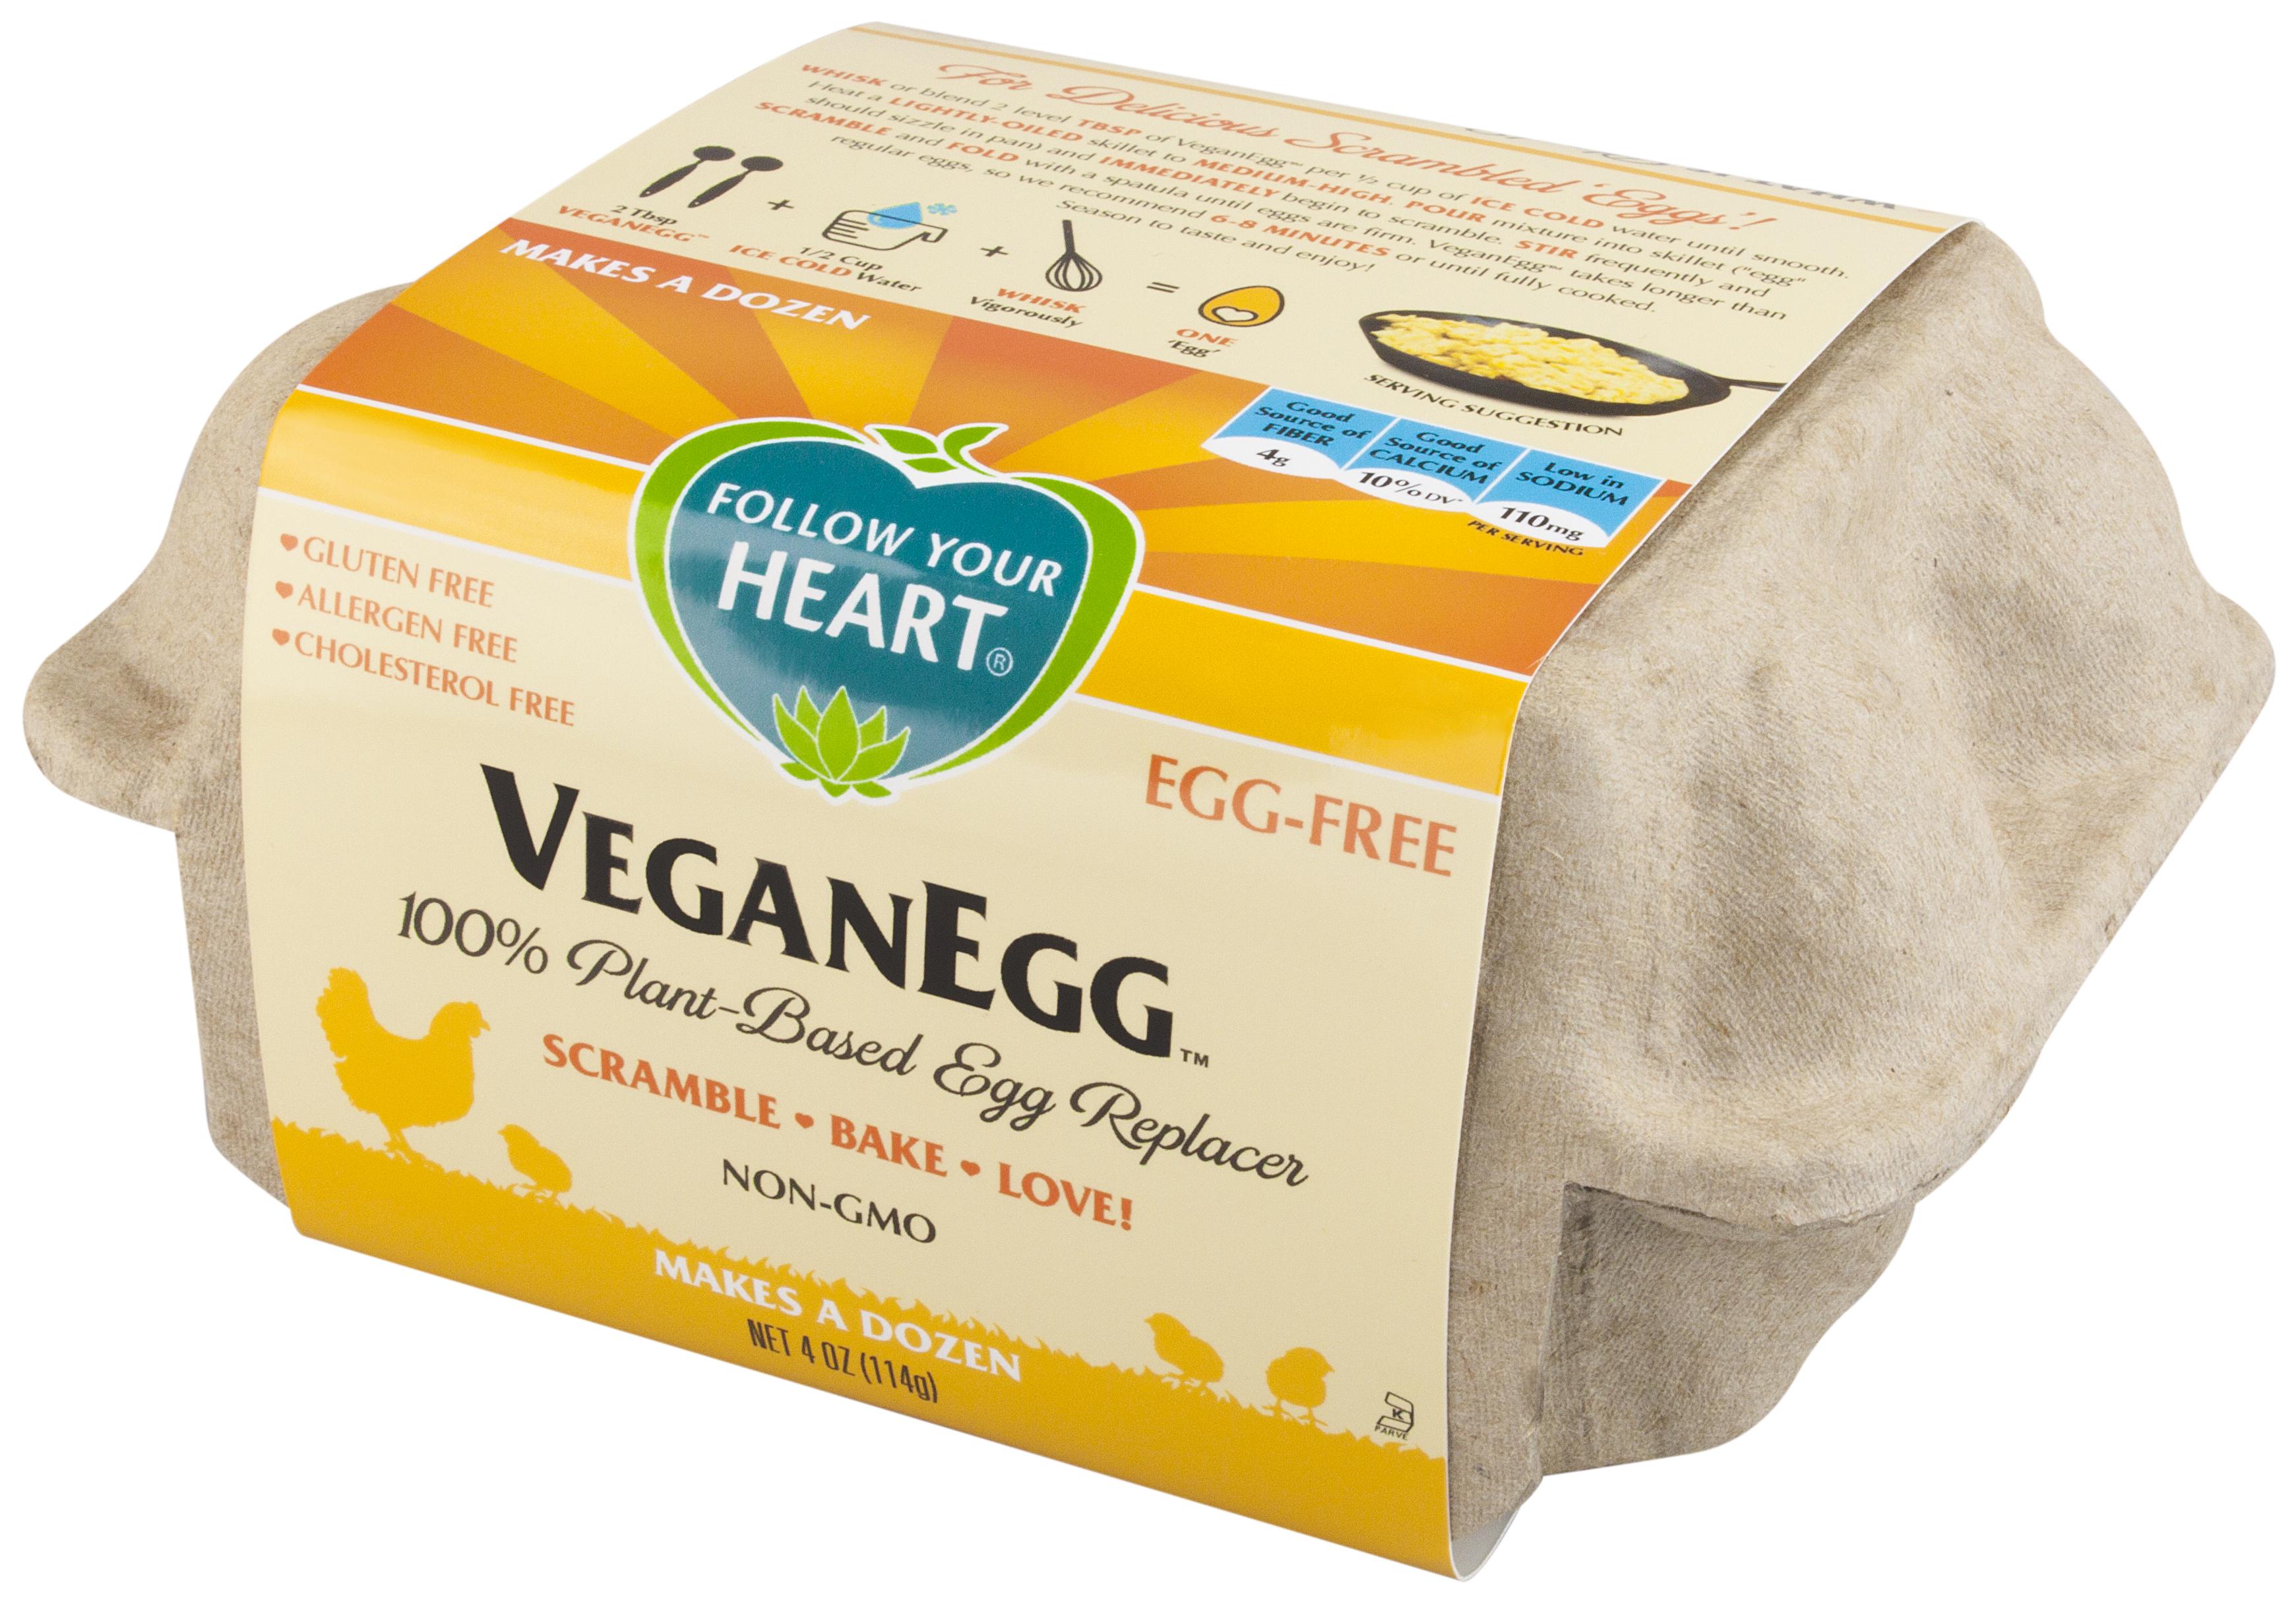 VeganEgg-packaging